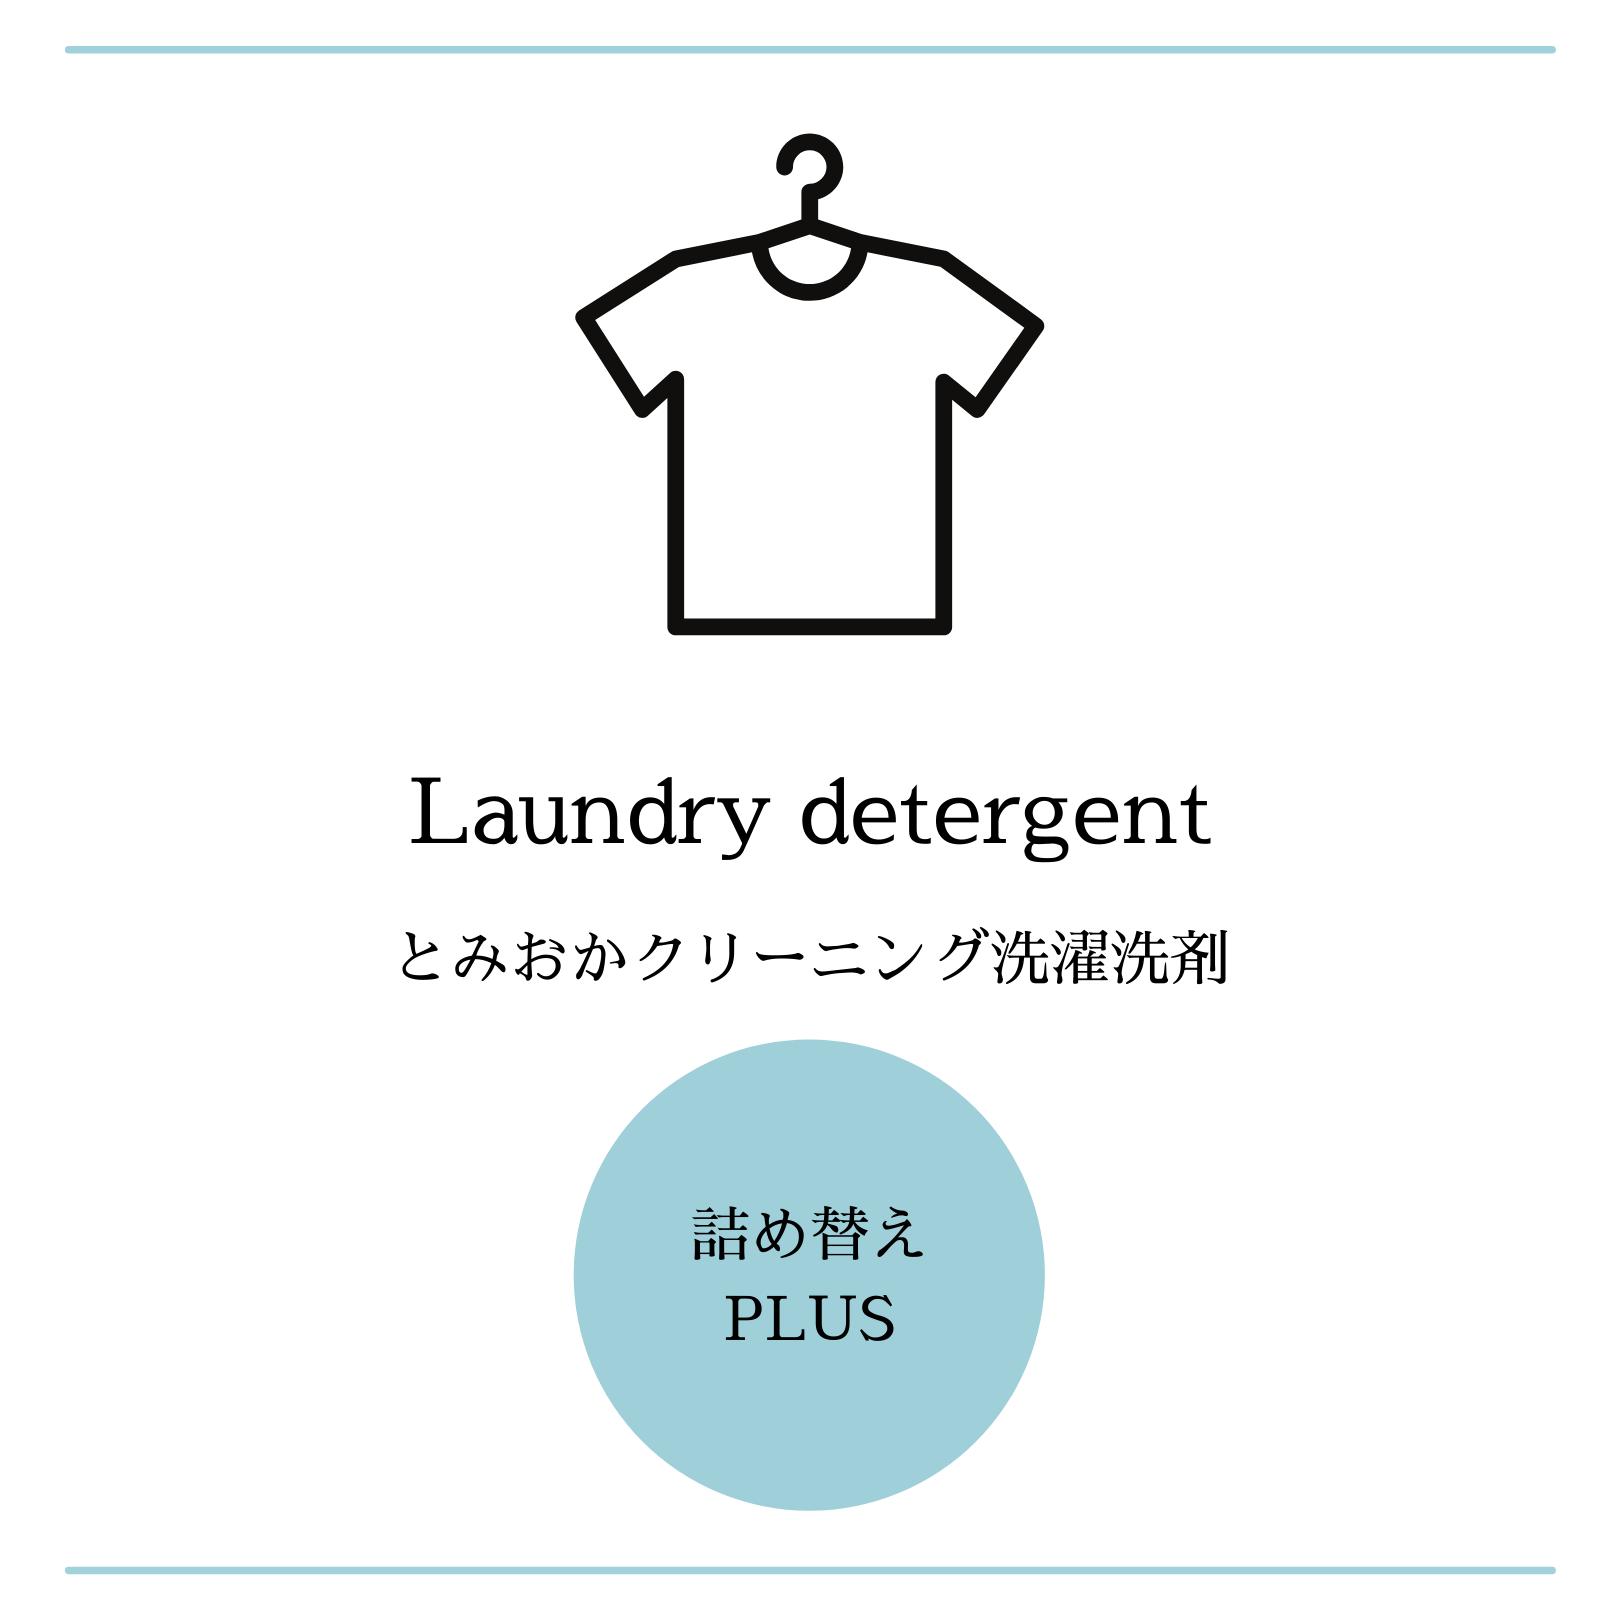 【とみおかクリーニング】牛乳缶入り洗濯洗剤 <プラス>   詰め替え